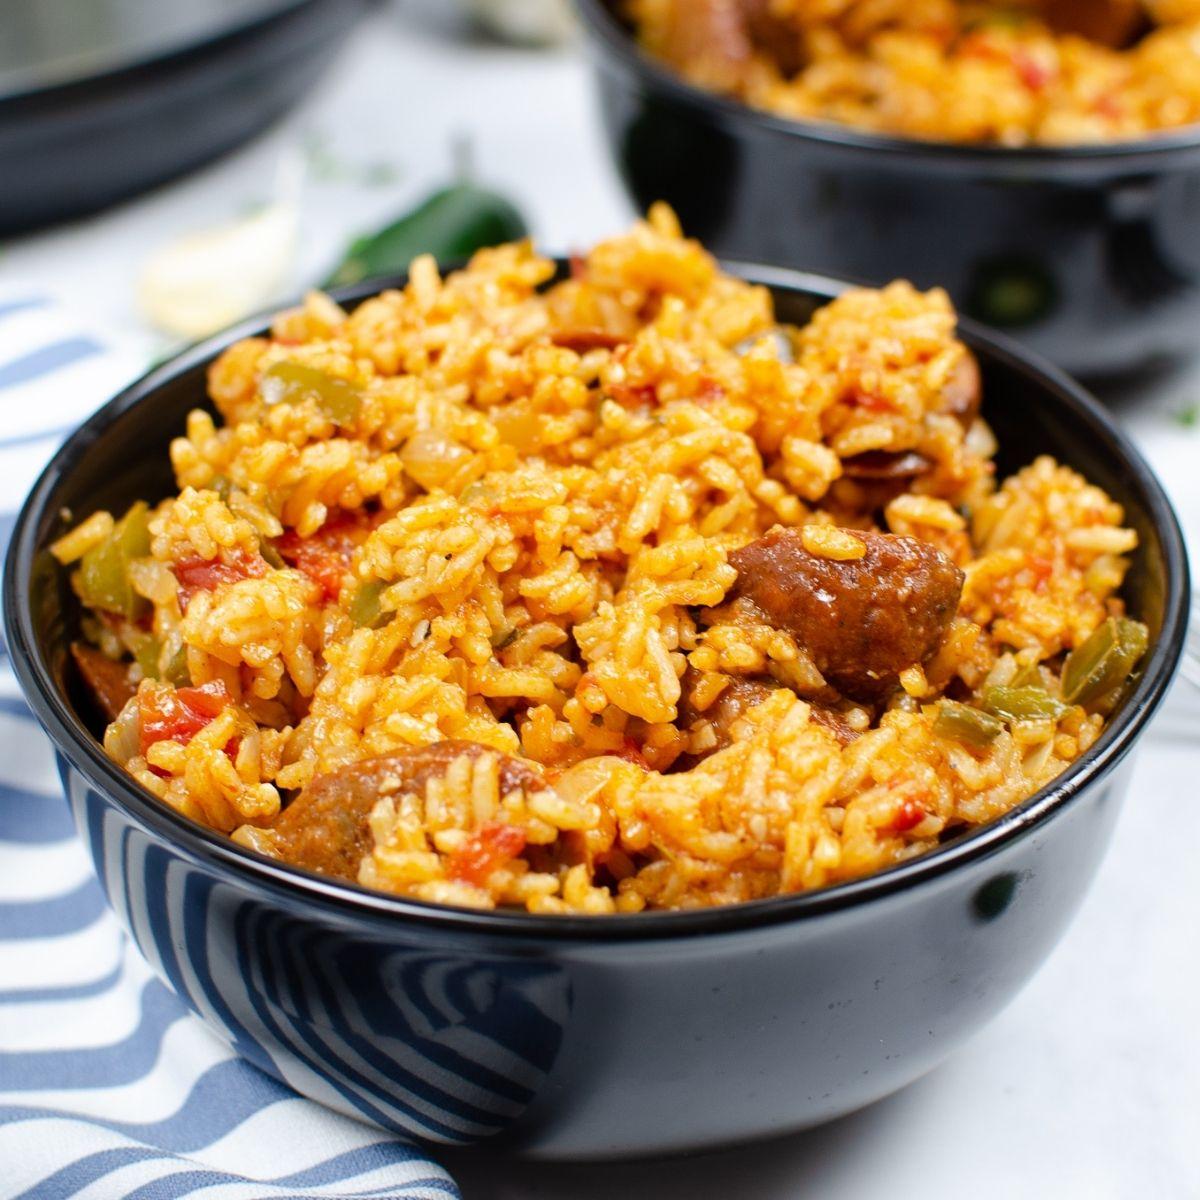 sausage jambalaya in a black bowl